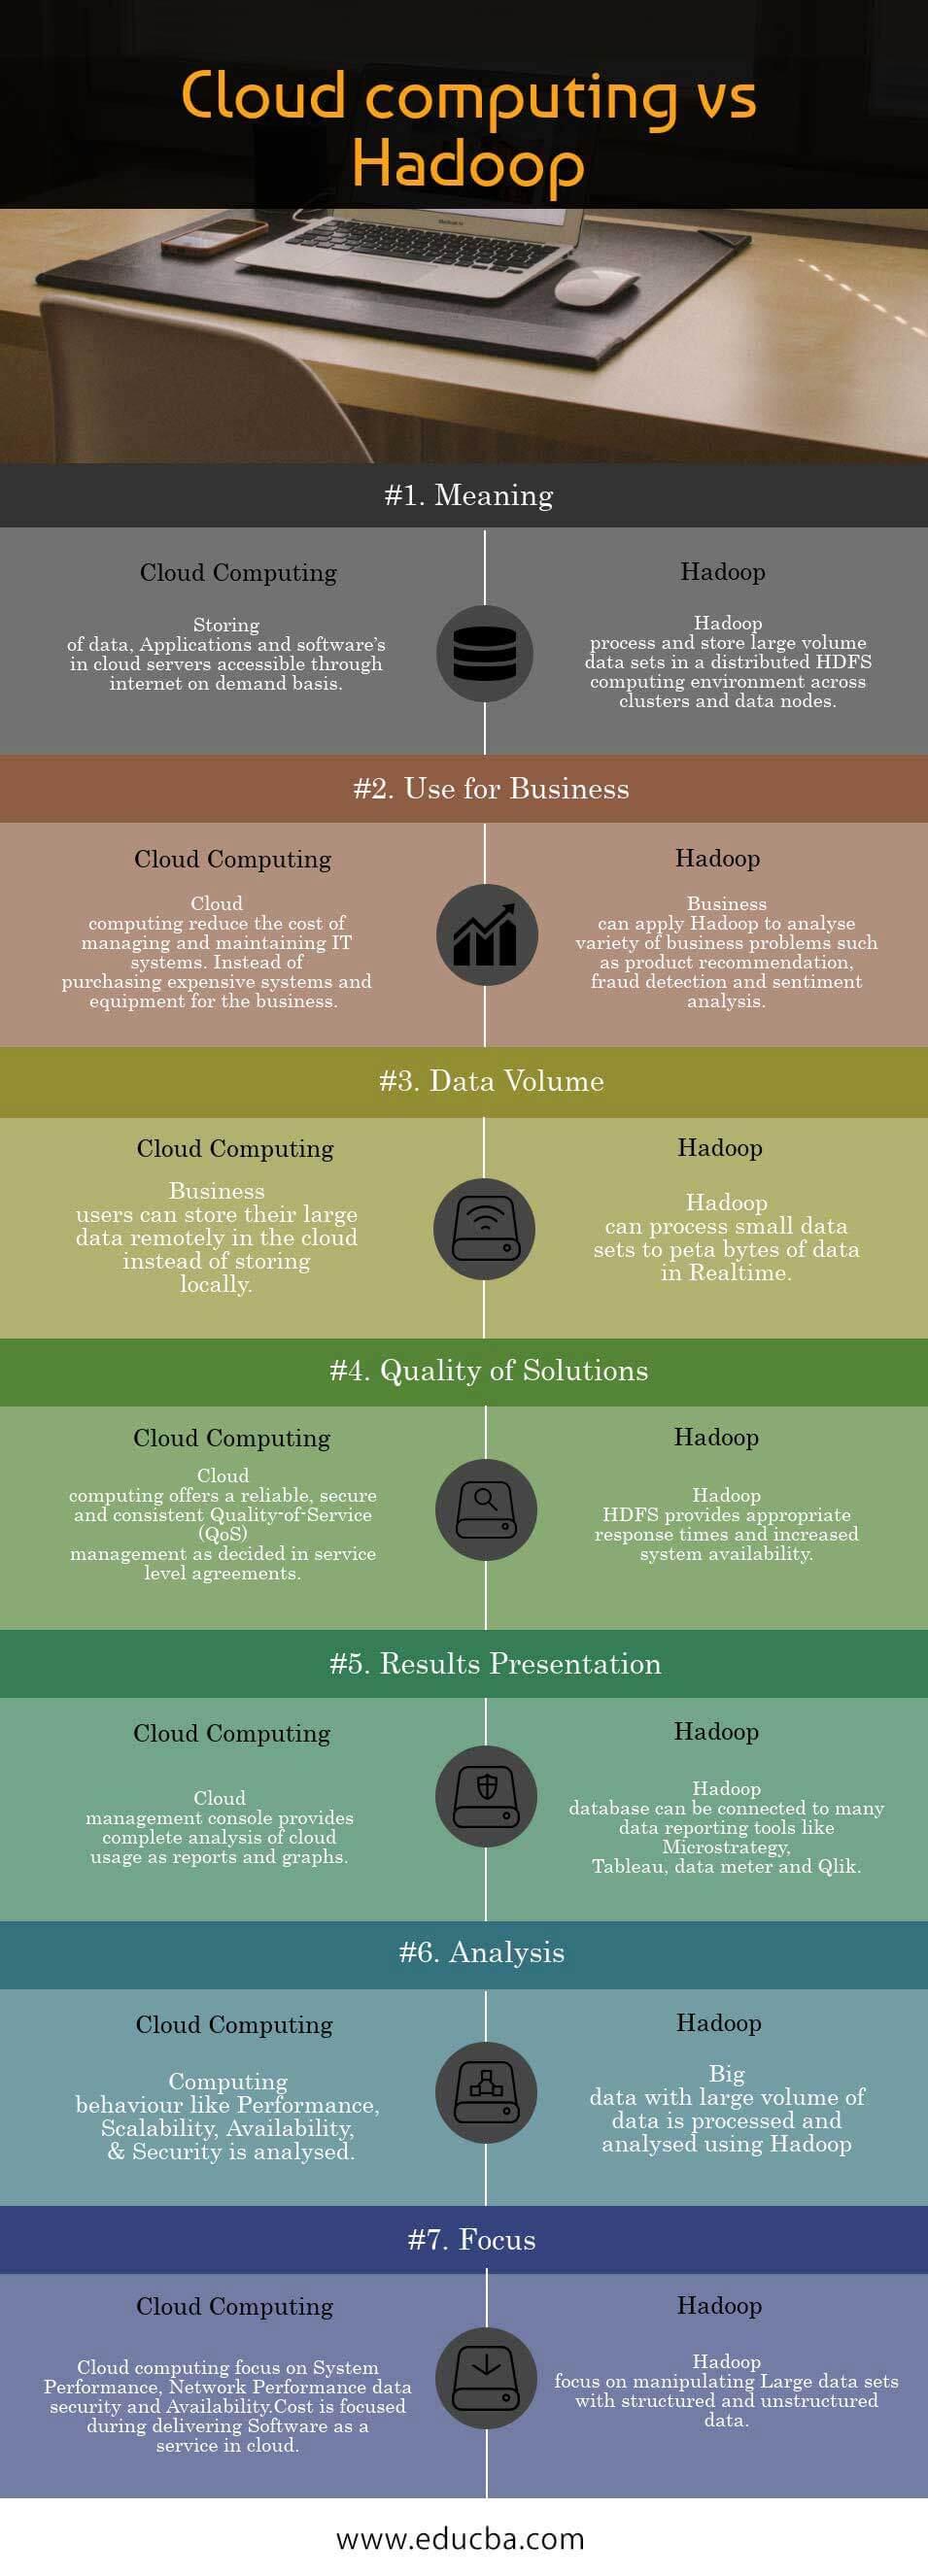 Cloud computing vs Hadoop